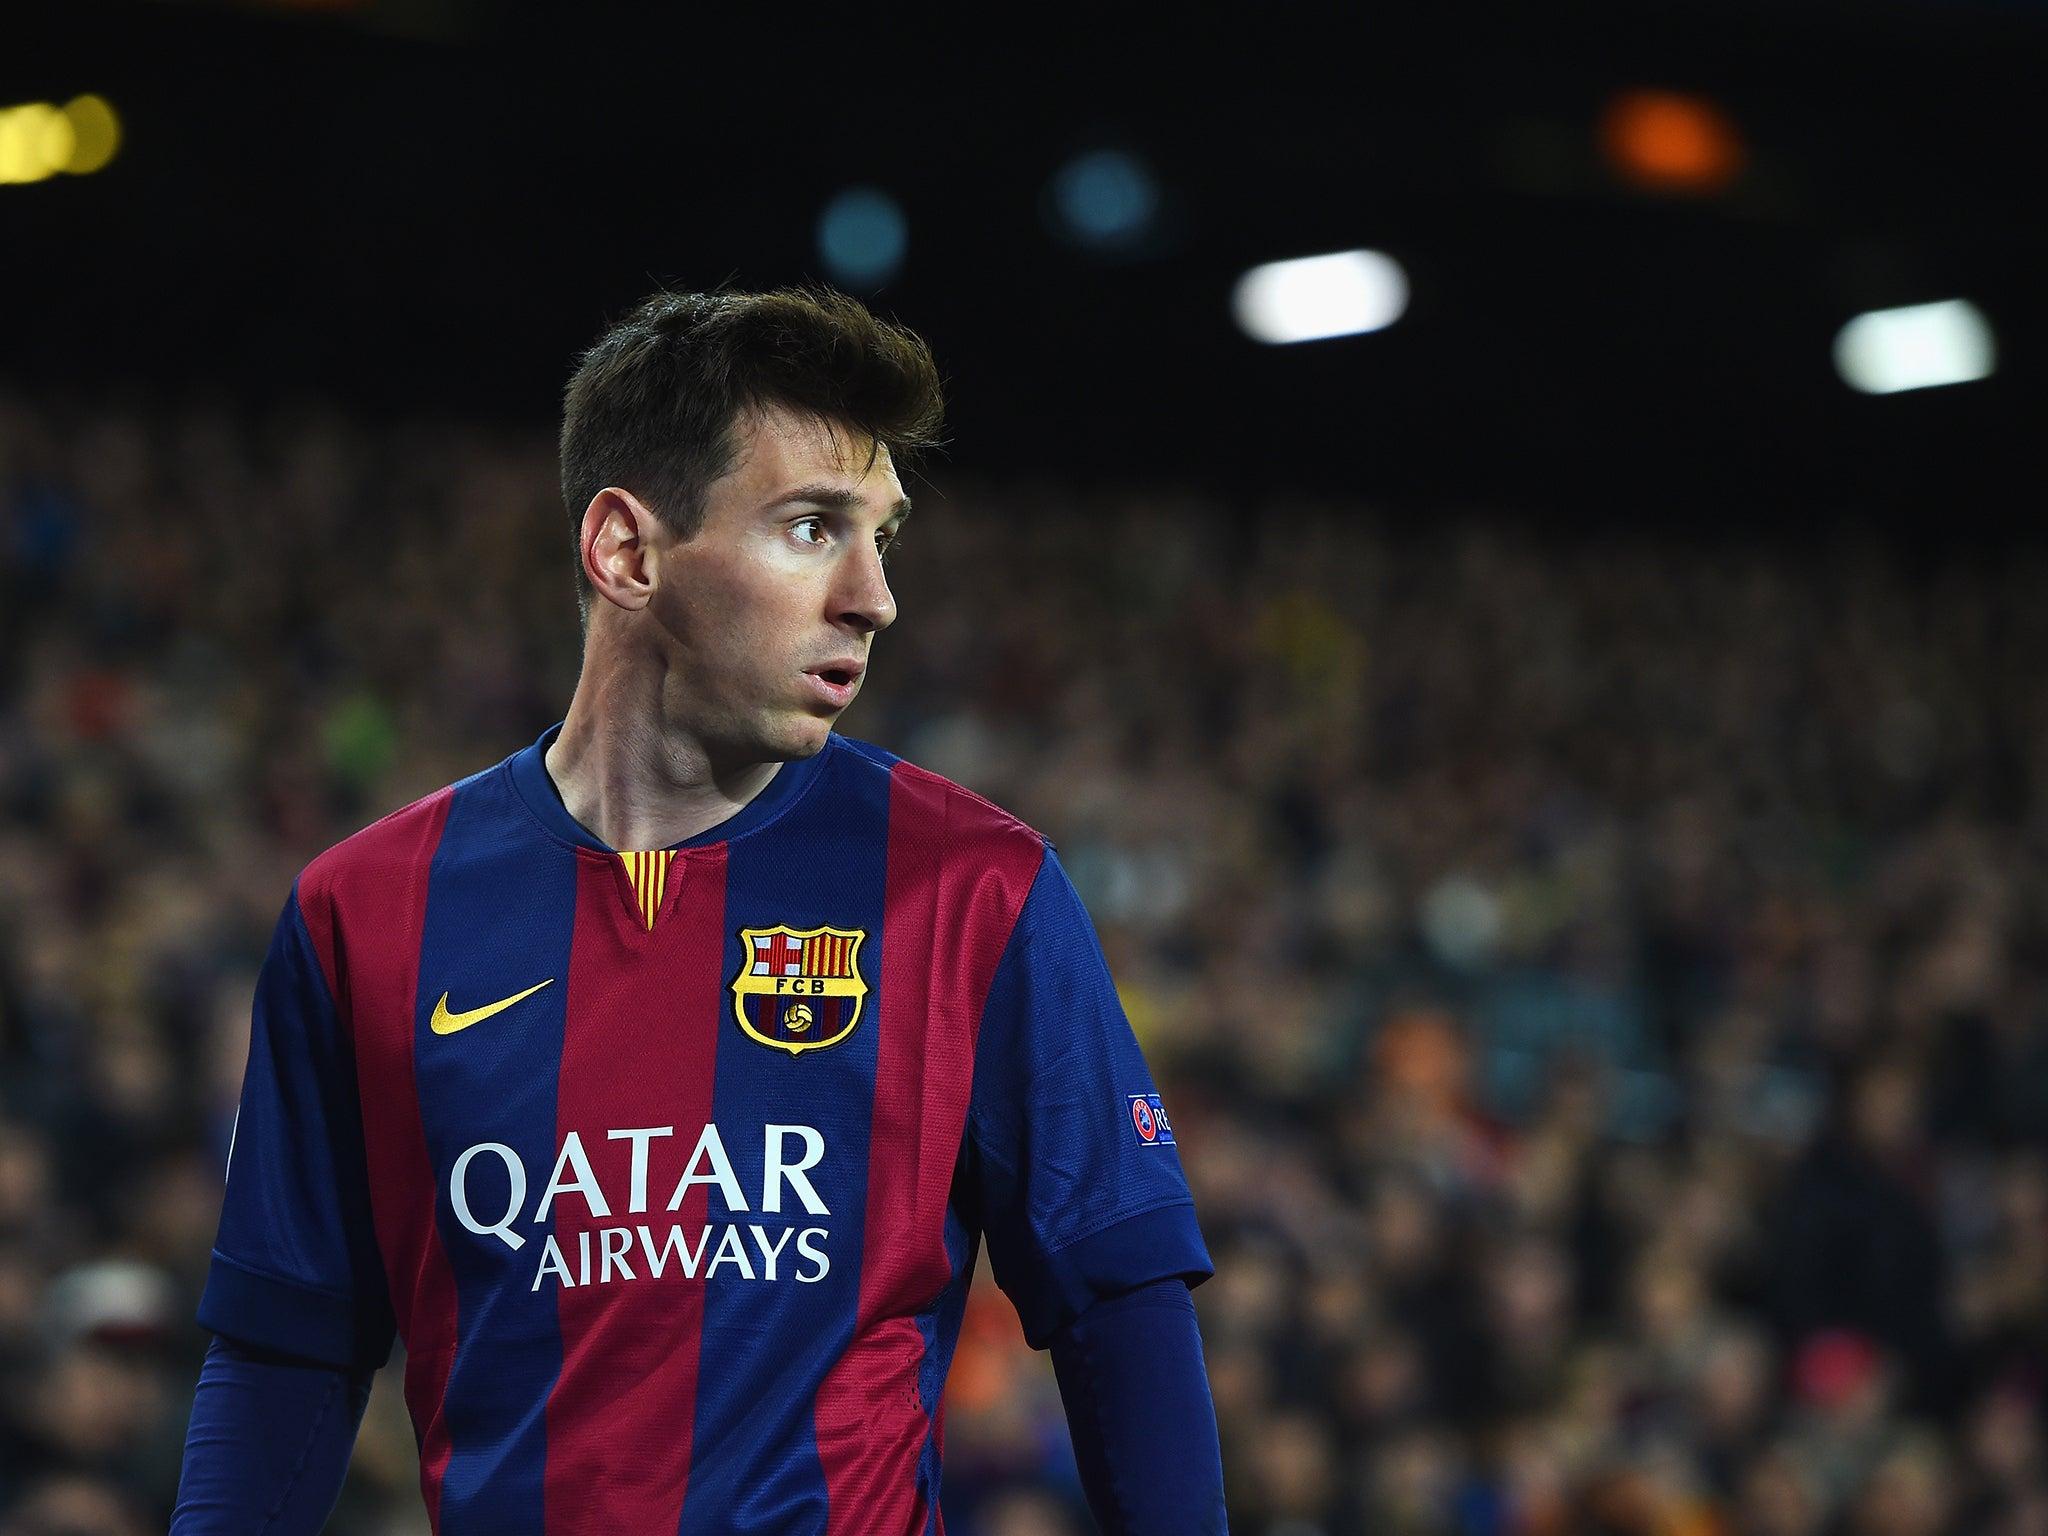 Barcelona Vs Man City Logo: El Clasico: Lionel Messi Has 21